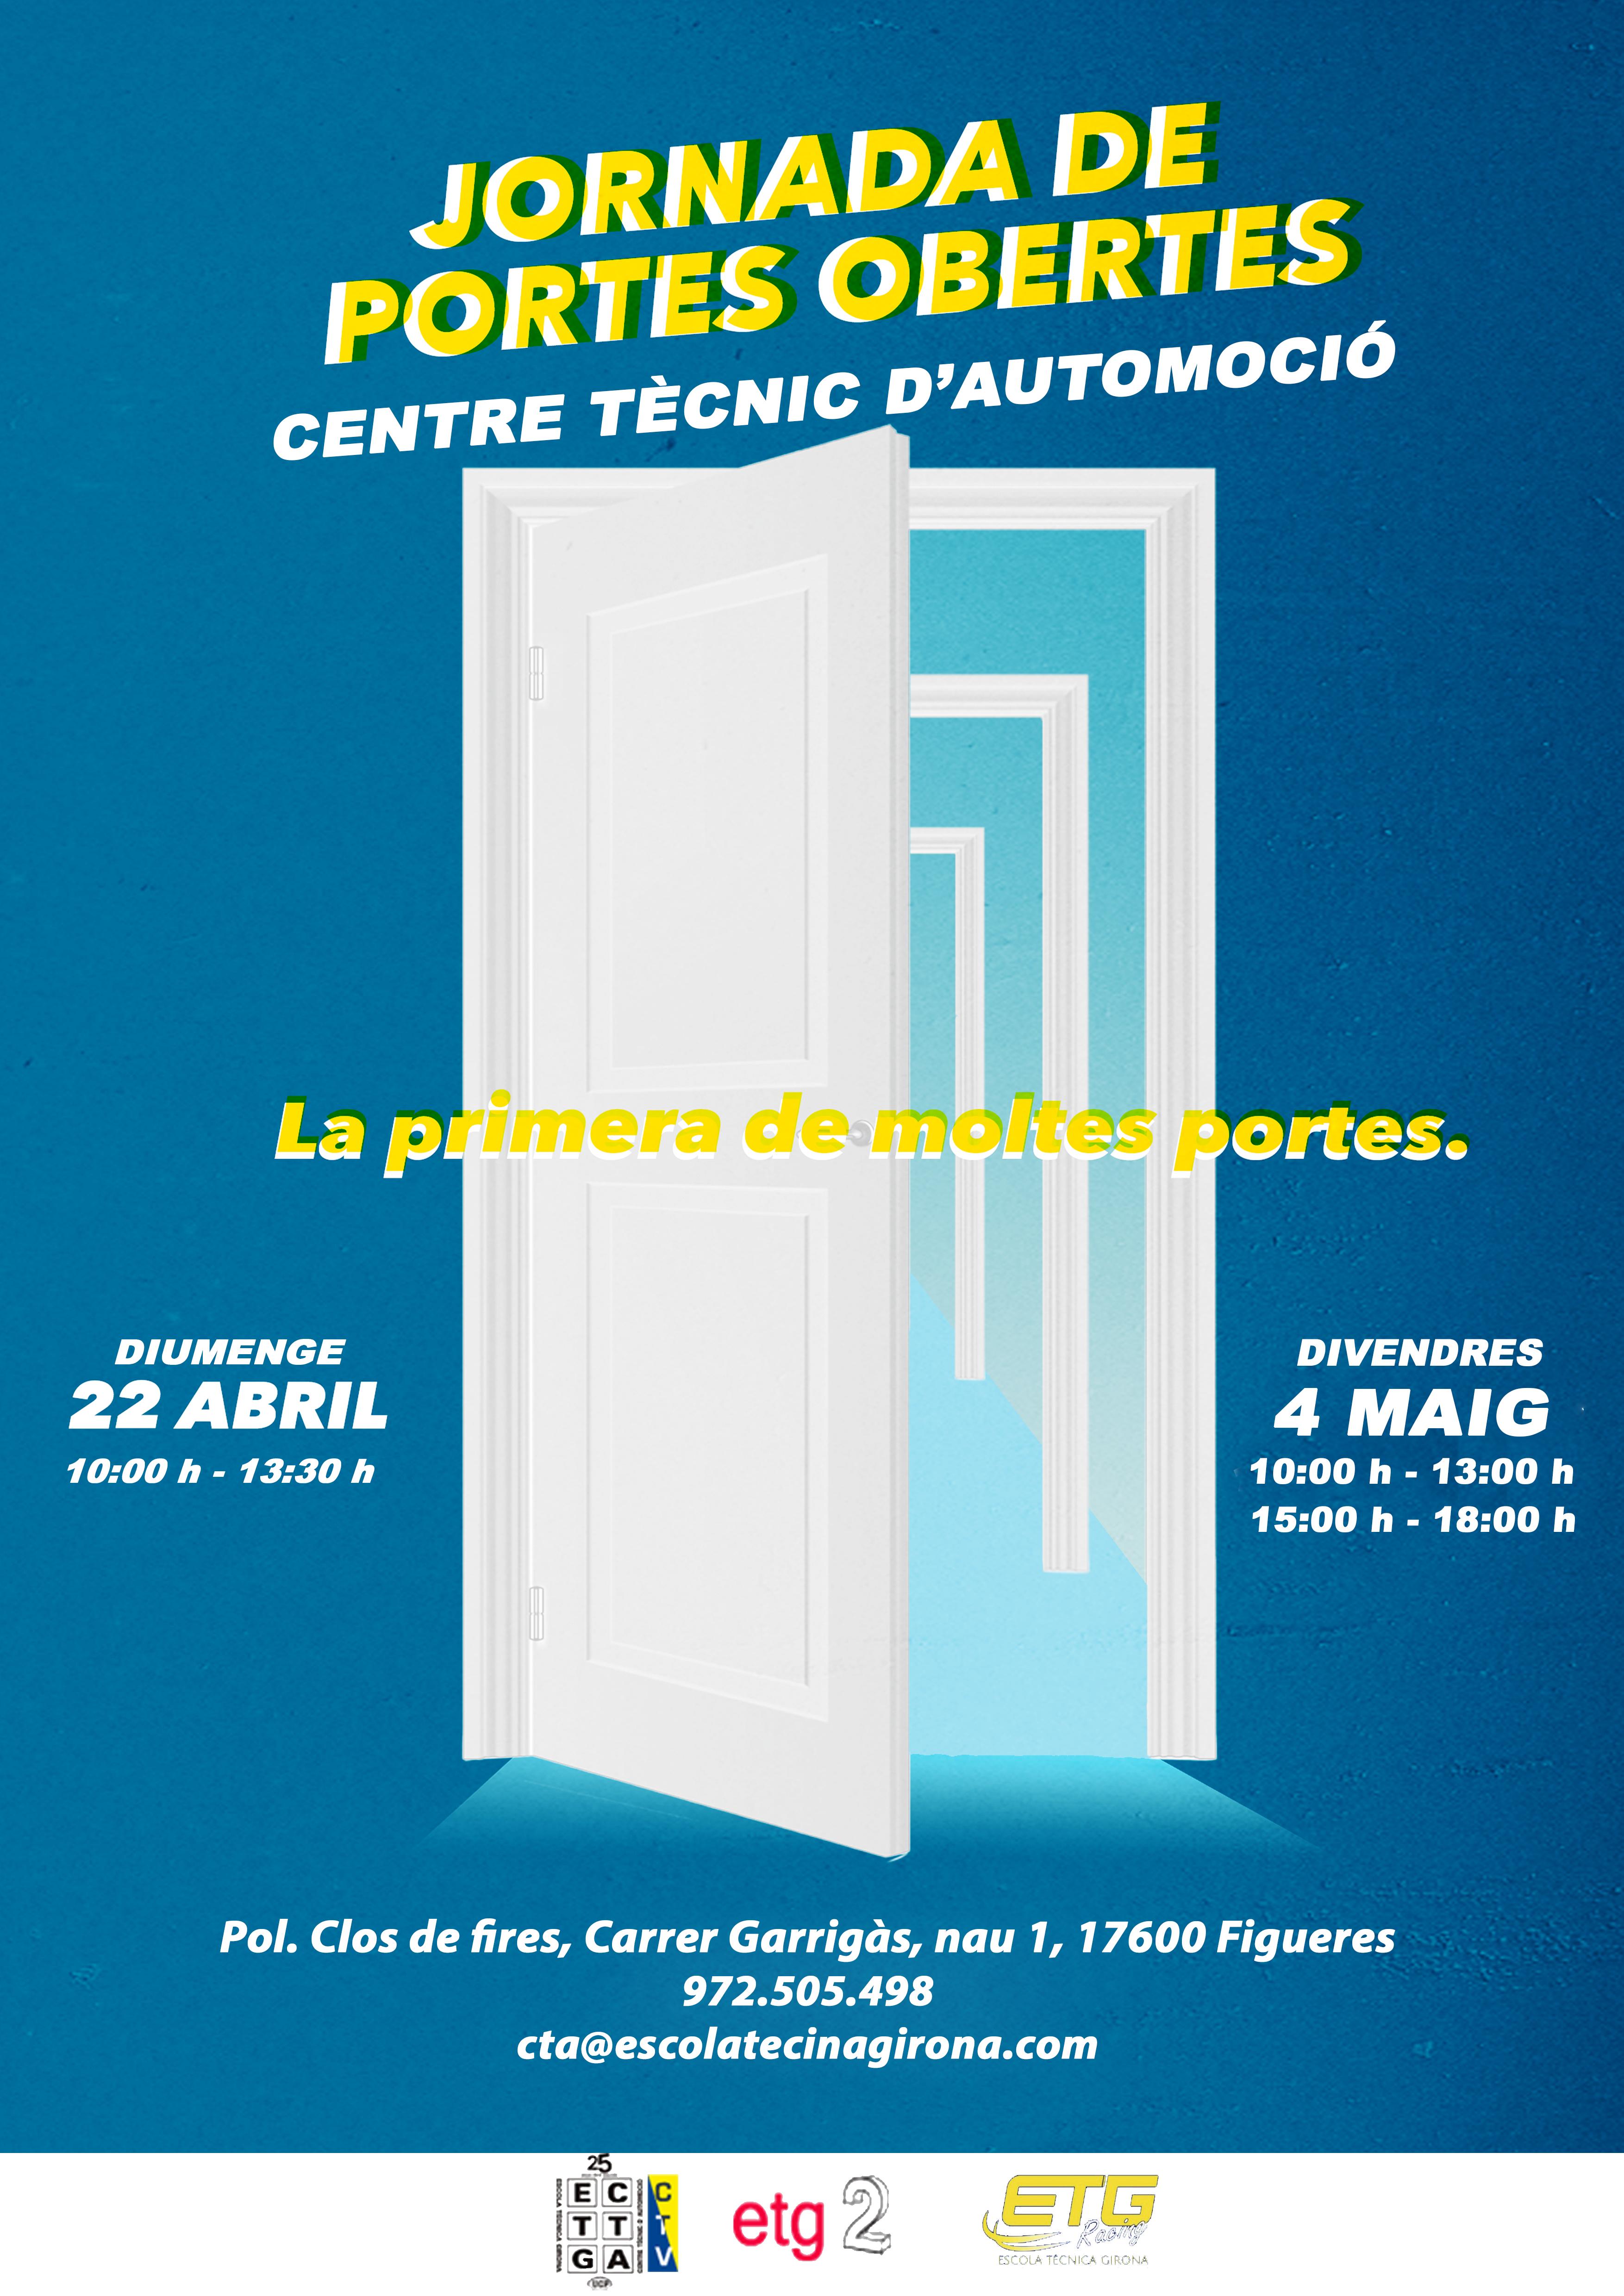 Les jornades de portes obertes al Centre Tècnic d'Automoció de Figueres tindran lloc el diumenge 24 d'abril i el divendres 4 de maig